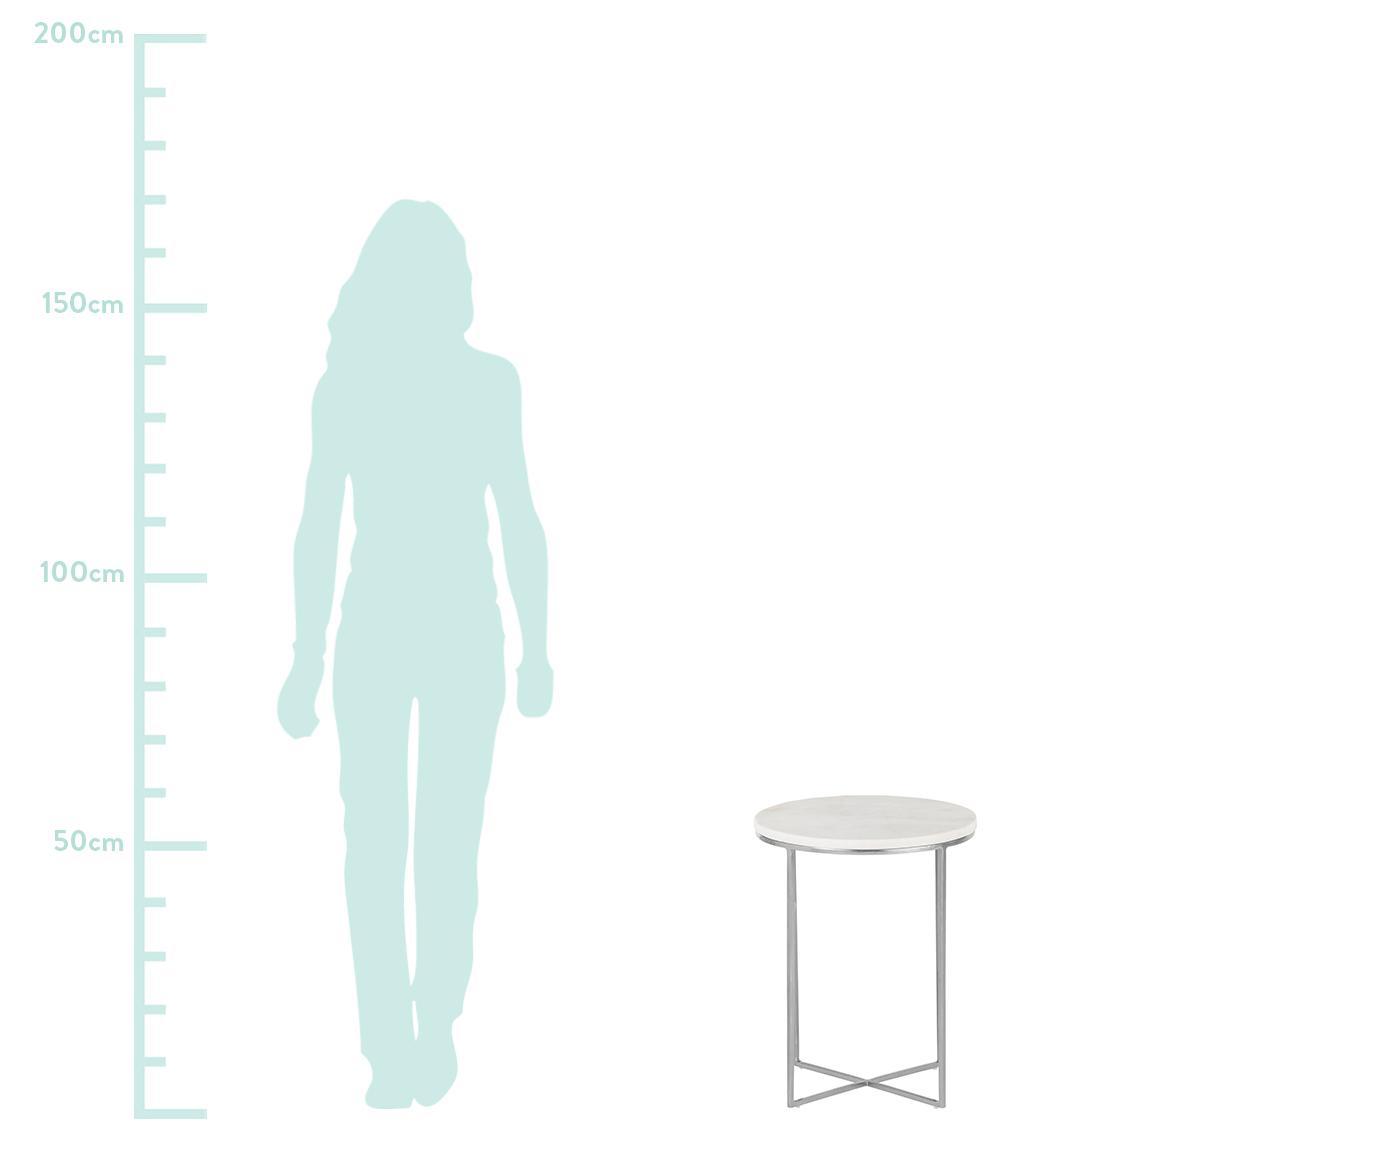 Okrągły stolik pomocniczy z marmuru Alys, Blat: marmur, Stelaż: metal malowany proszkowo, Blat: białoszary marmur, lekko błyszczący Stelaż: odcienie srebrnego, matowy, Ø 40 x W 50 cm